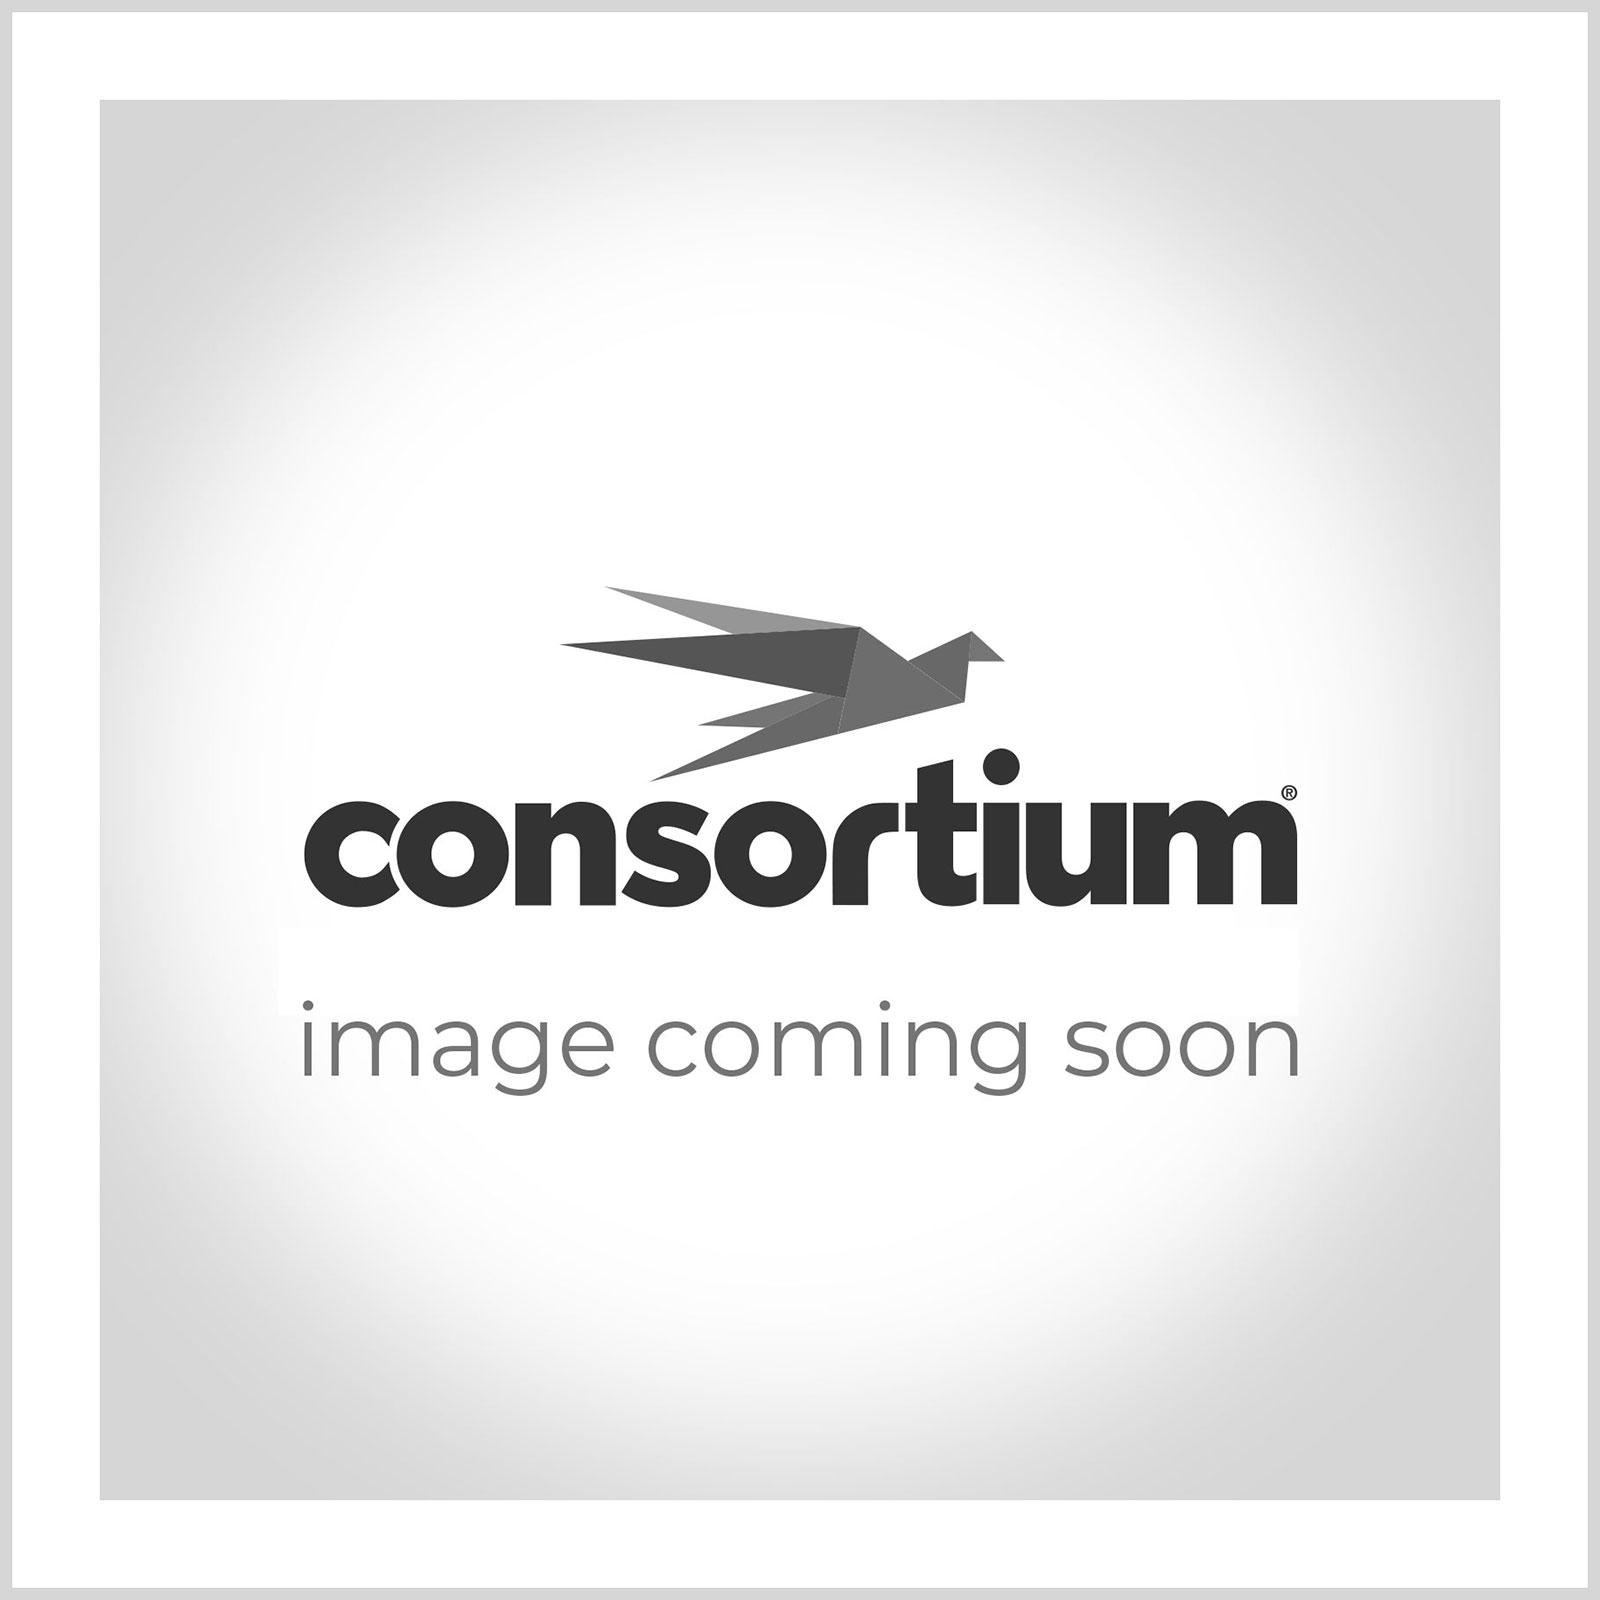 Consortium products